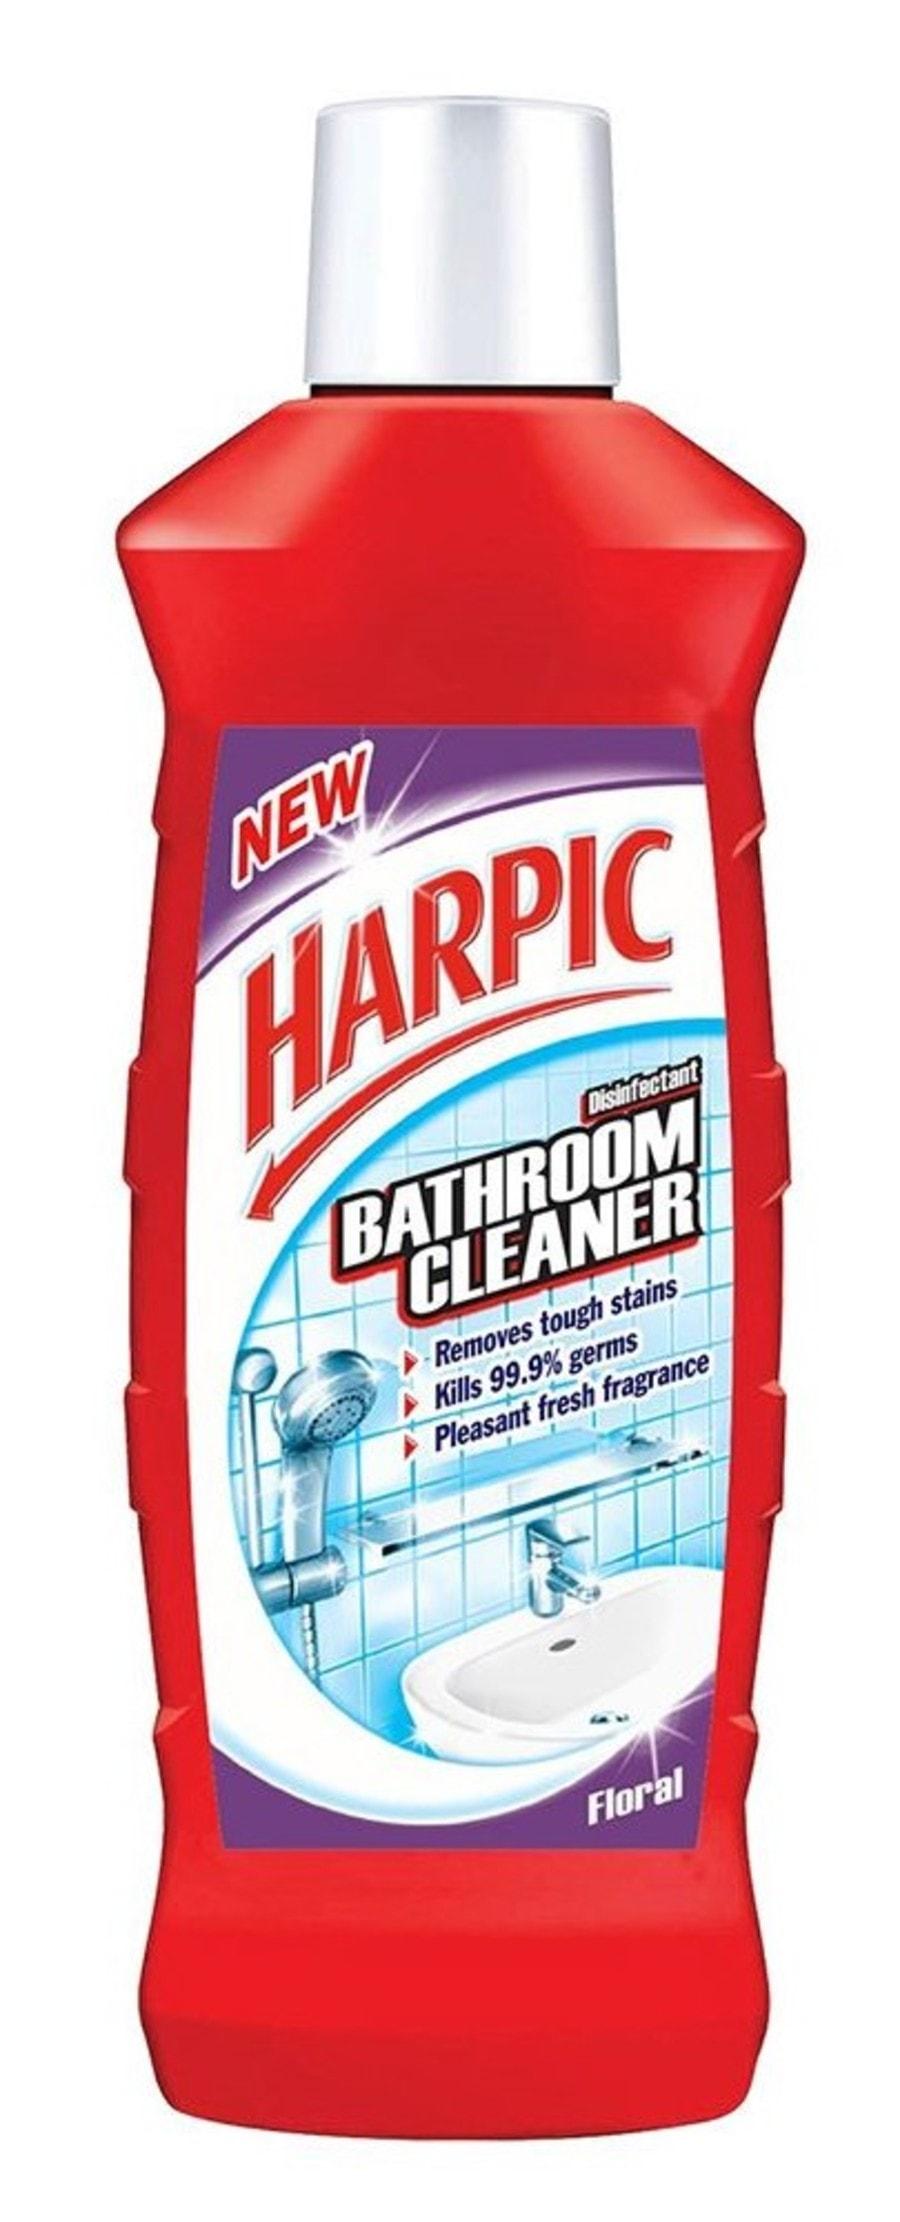 Harpic Floral Bathroom Cleaner  Bottle Of 500 Ml